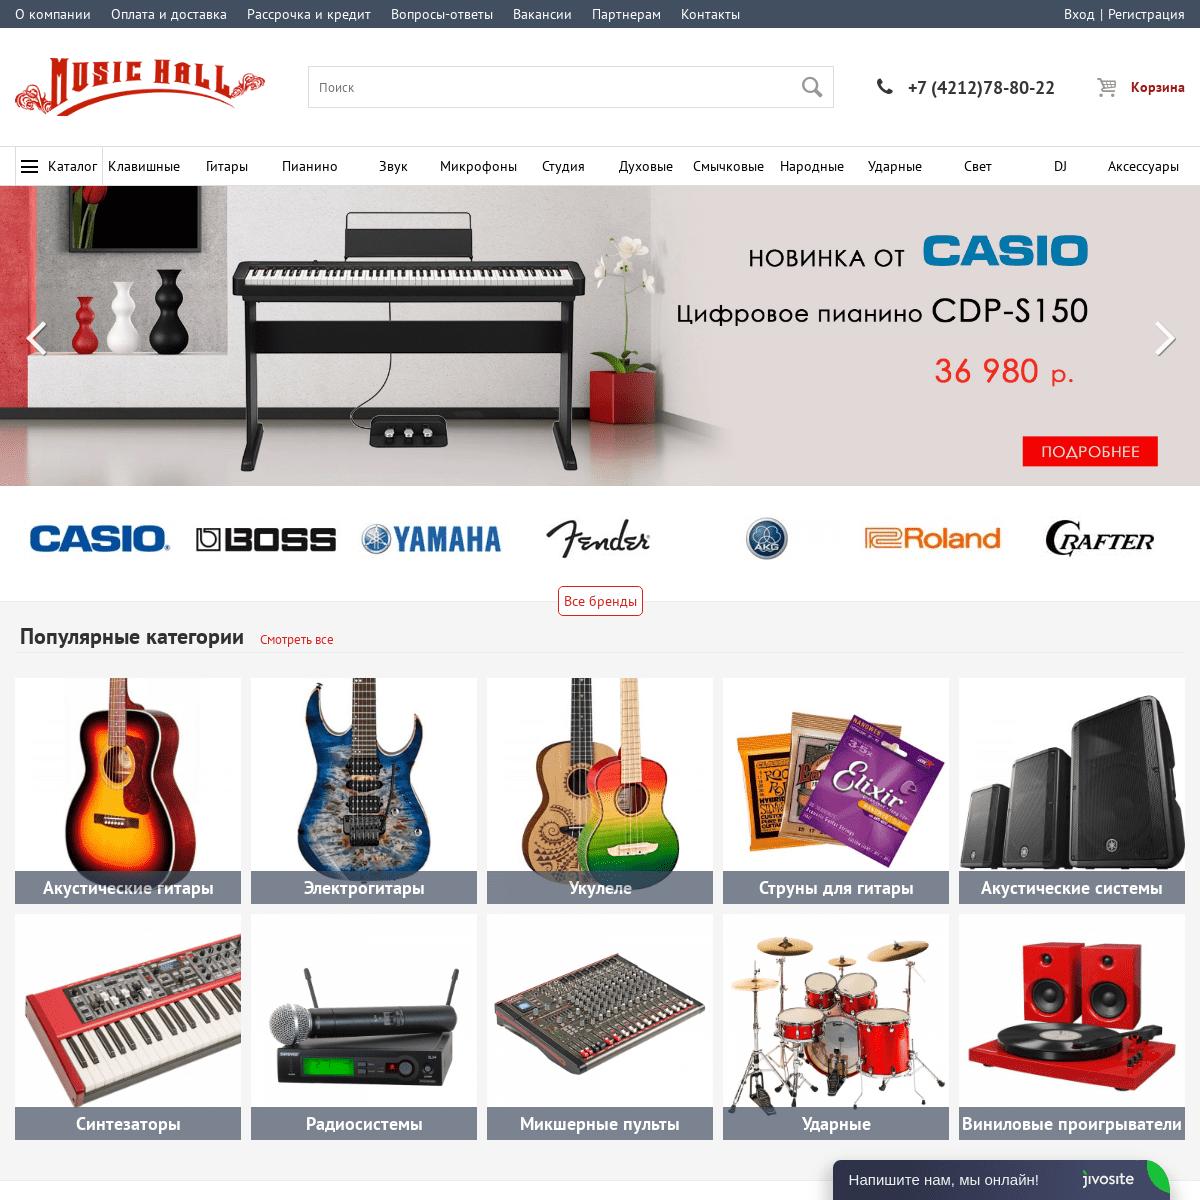 Магазин музыкальных инструментов в Хабаровске Music Hall